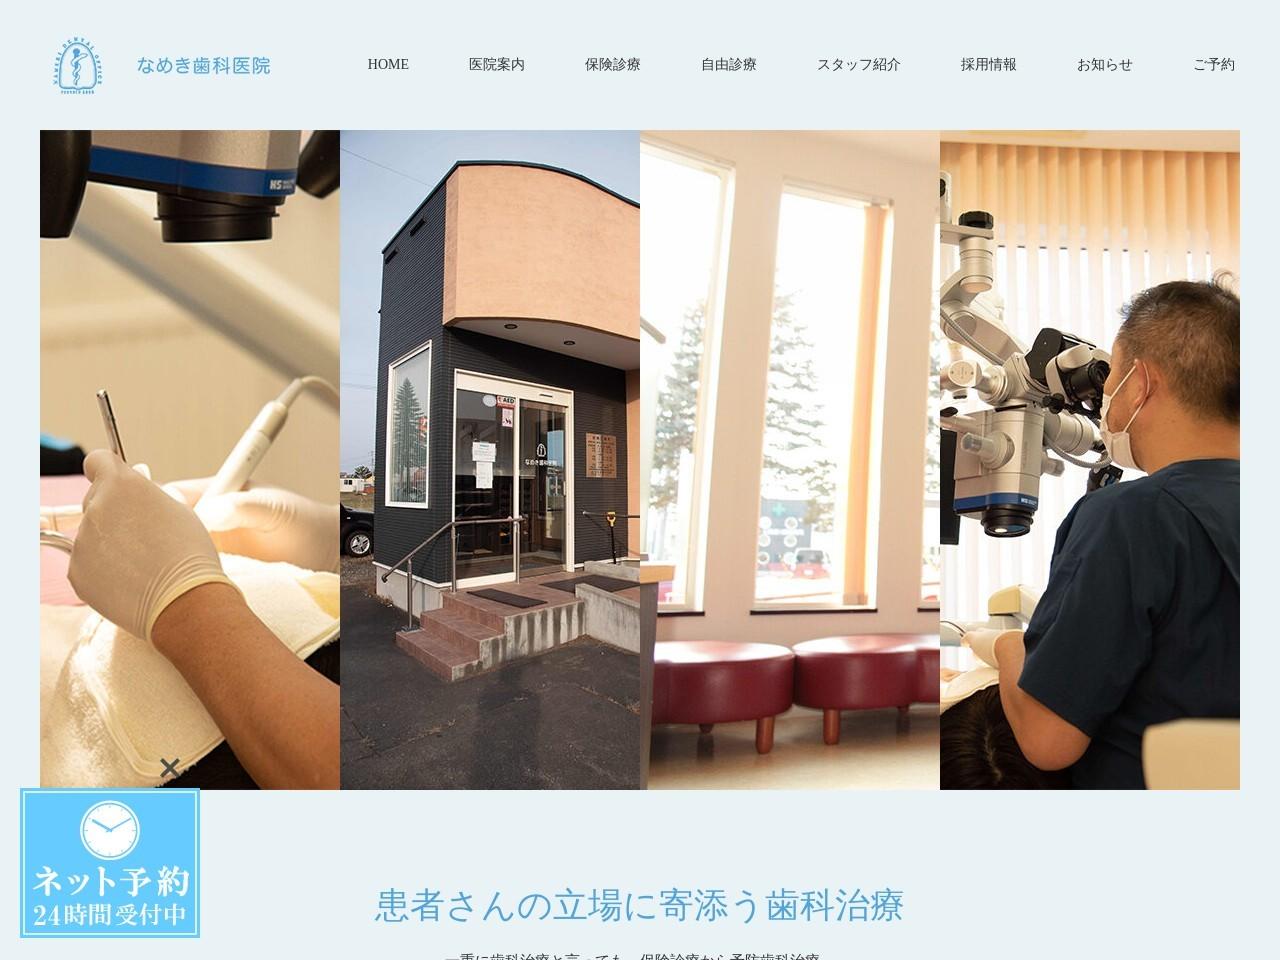 医療法人隼心会  なめき歯科医院 (北海道河東郡音更町)